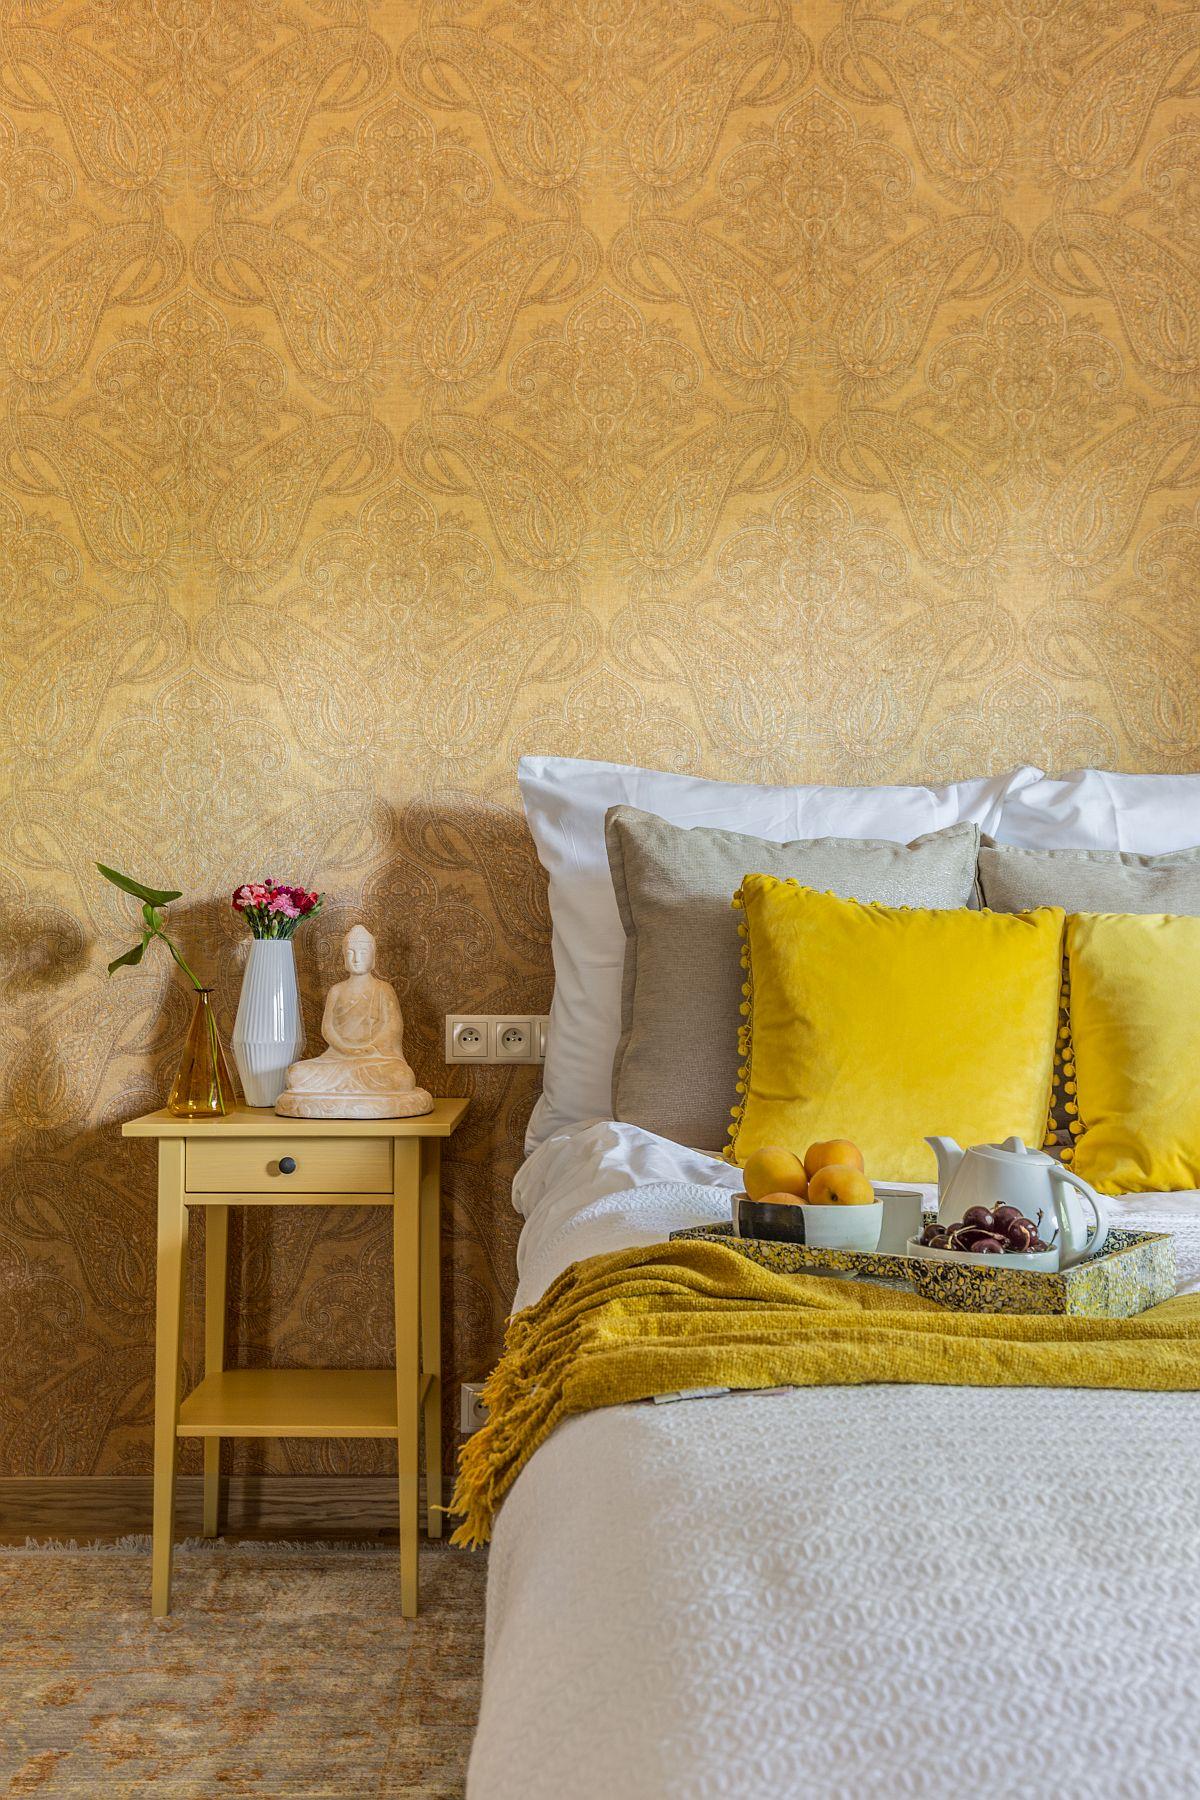 Tapetul are un imprimeu elaborat, dar care nu este încontrast cu fundalul, ca atare dă senzația de țesătură pe perete și deci de un confort suplimentar în dormitor. Nimic complicat, ci totul bine ales conform temei.